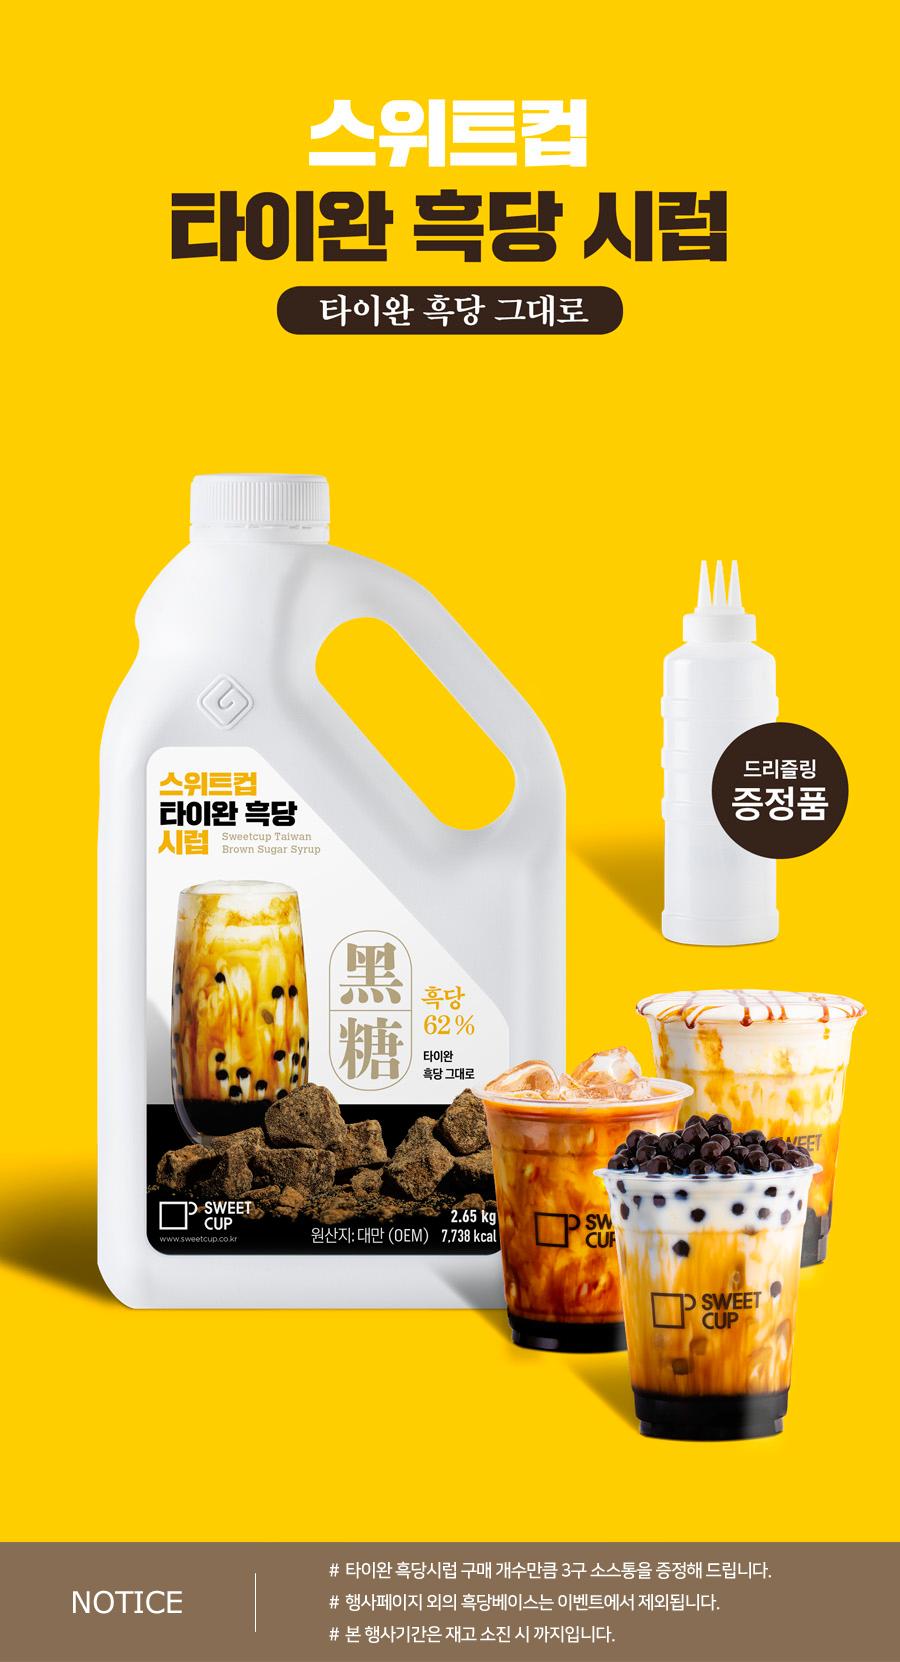 Taiwan_BrownSugar_gift_900